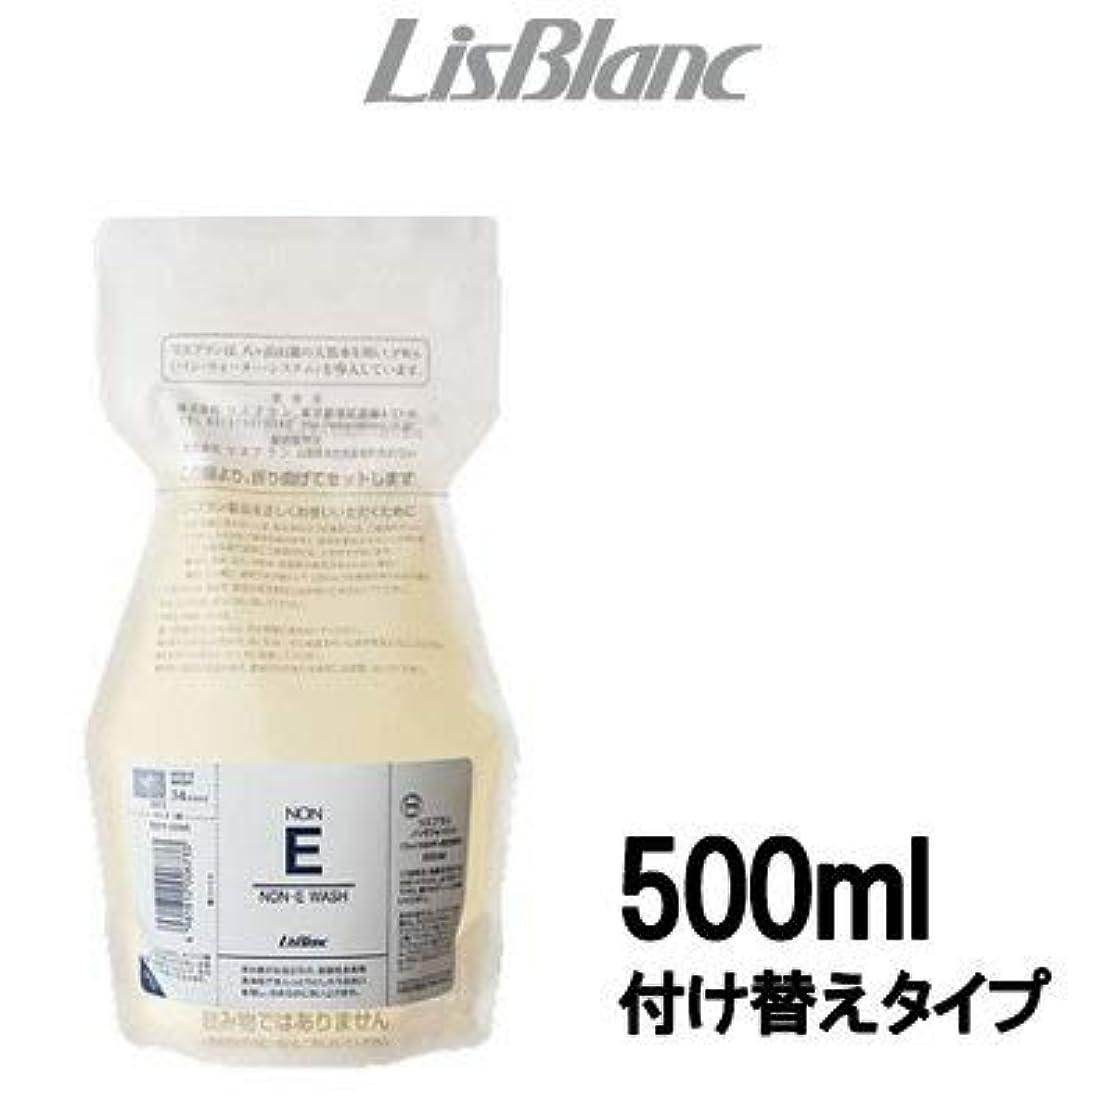 ささやき大事にするプラスリスブラン ノンEウォッシュ 500ml フェイス&ボディ用洗浄料